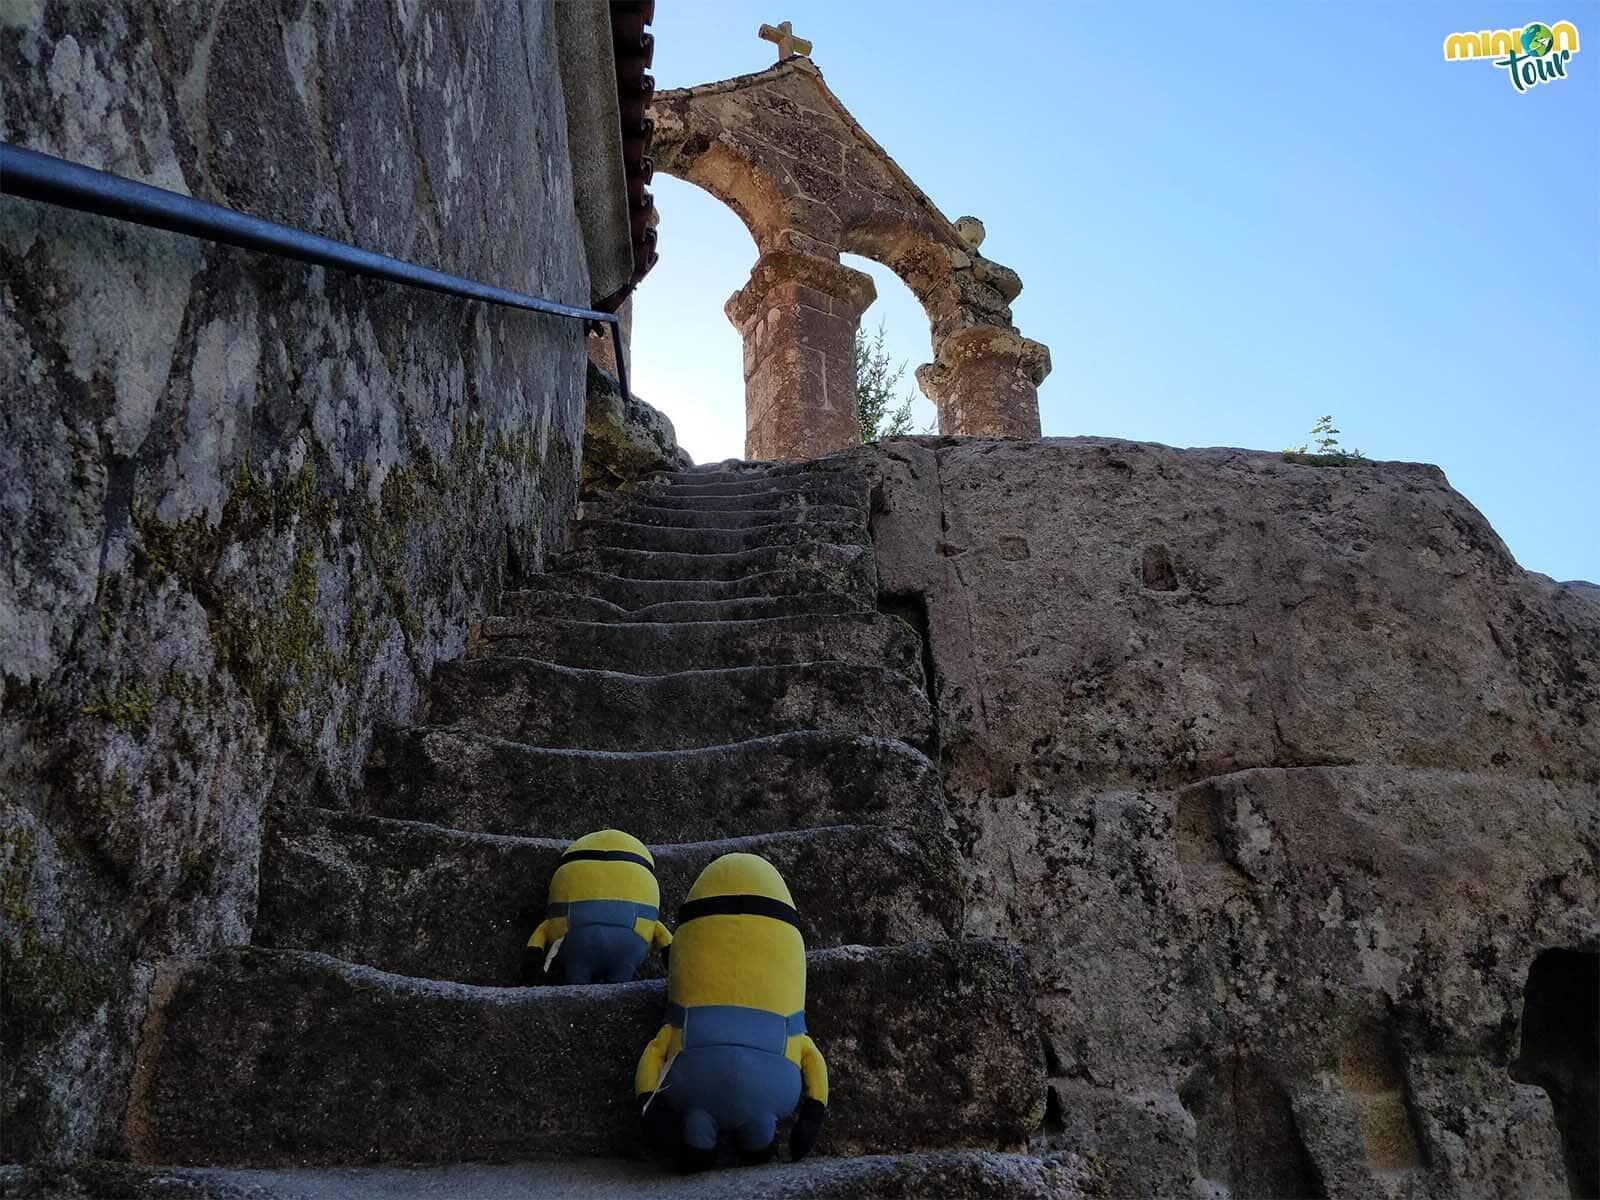 Minions subiendo al campanario del Monasterio de San Pedro de Rocas